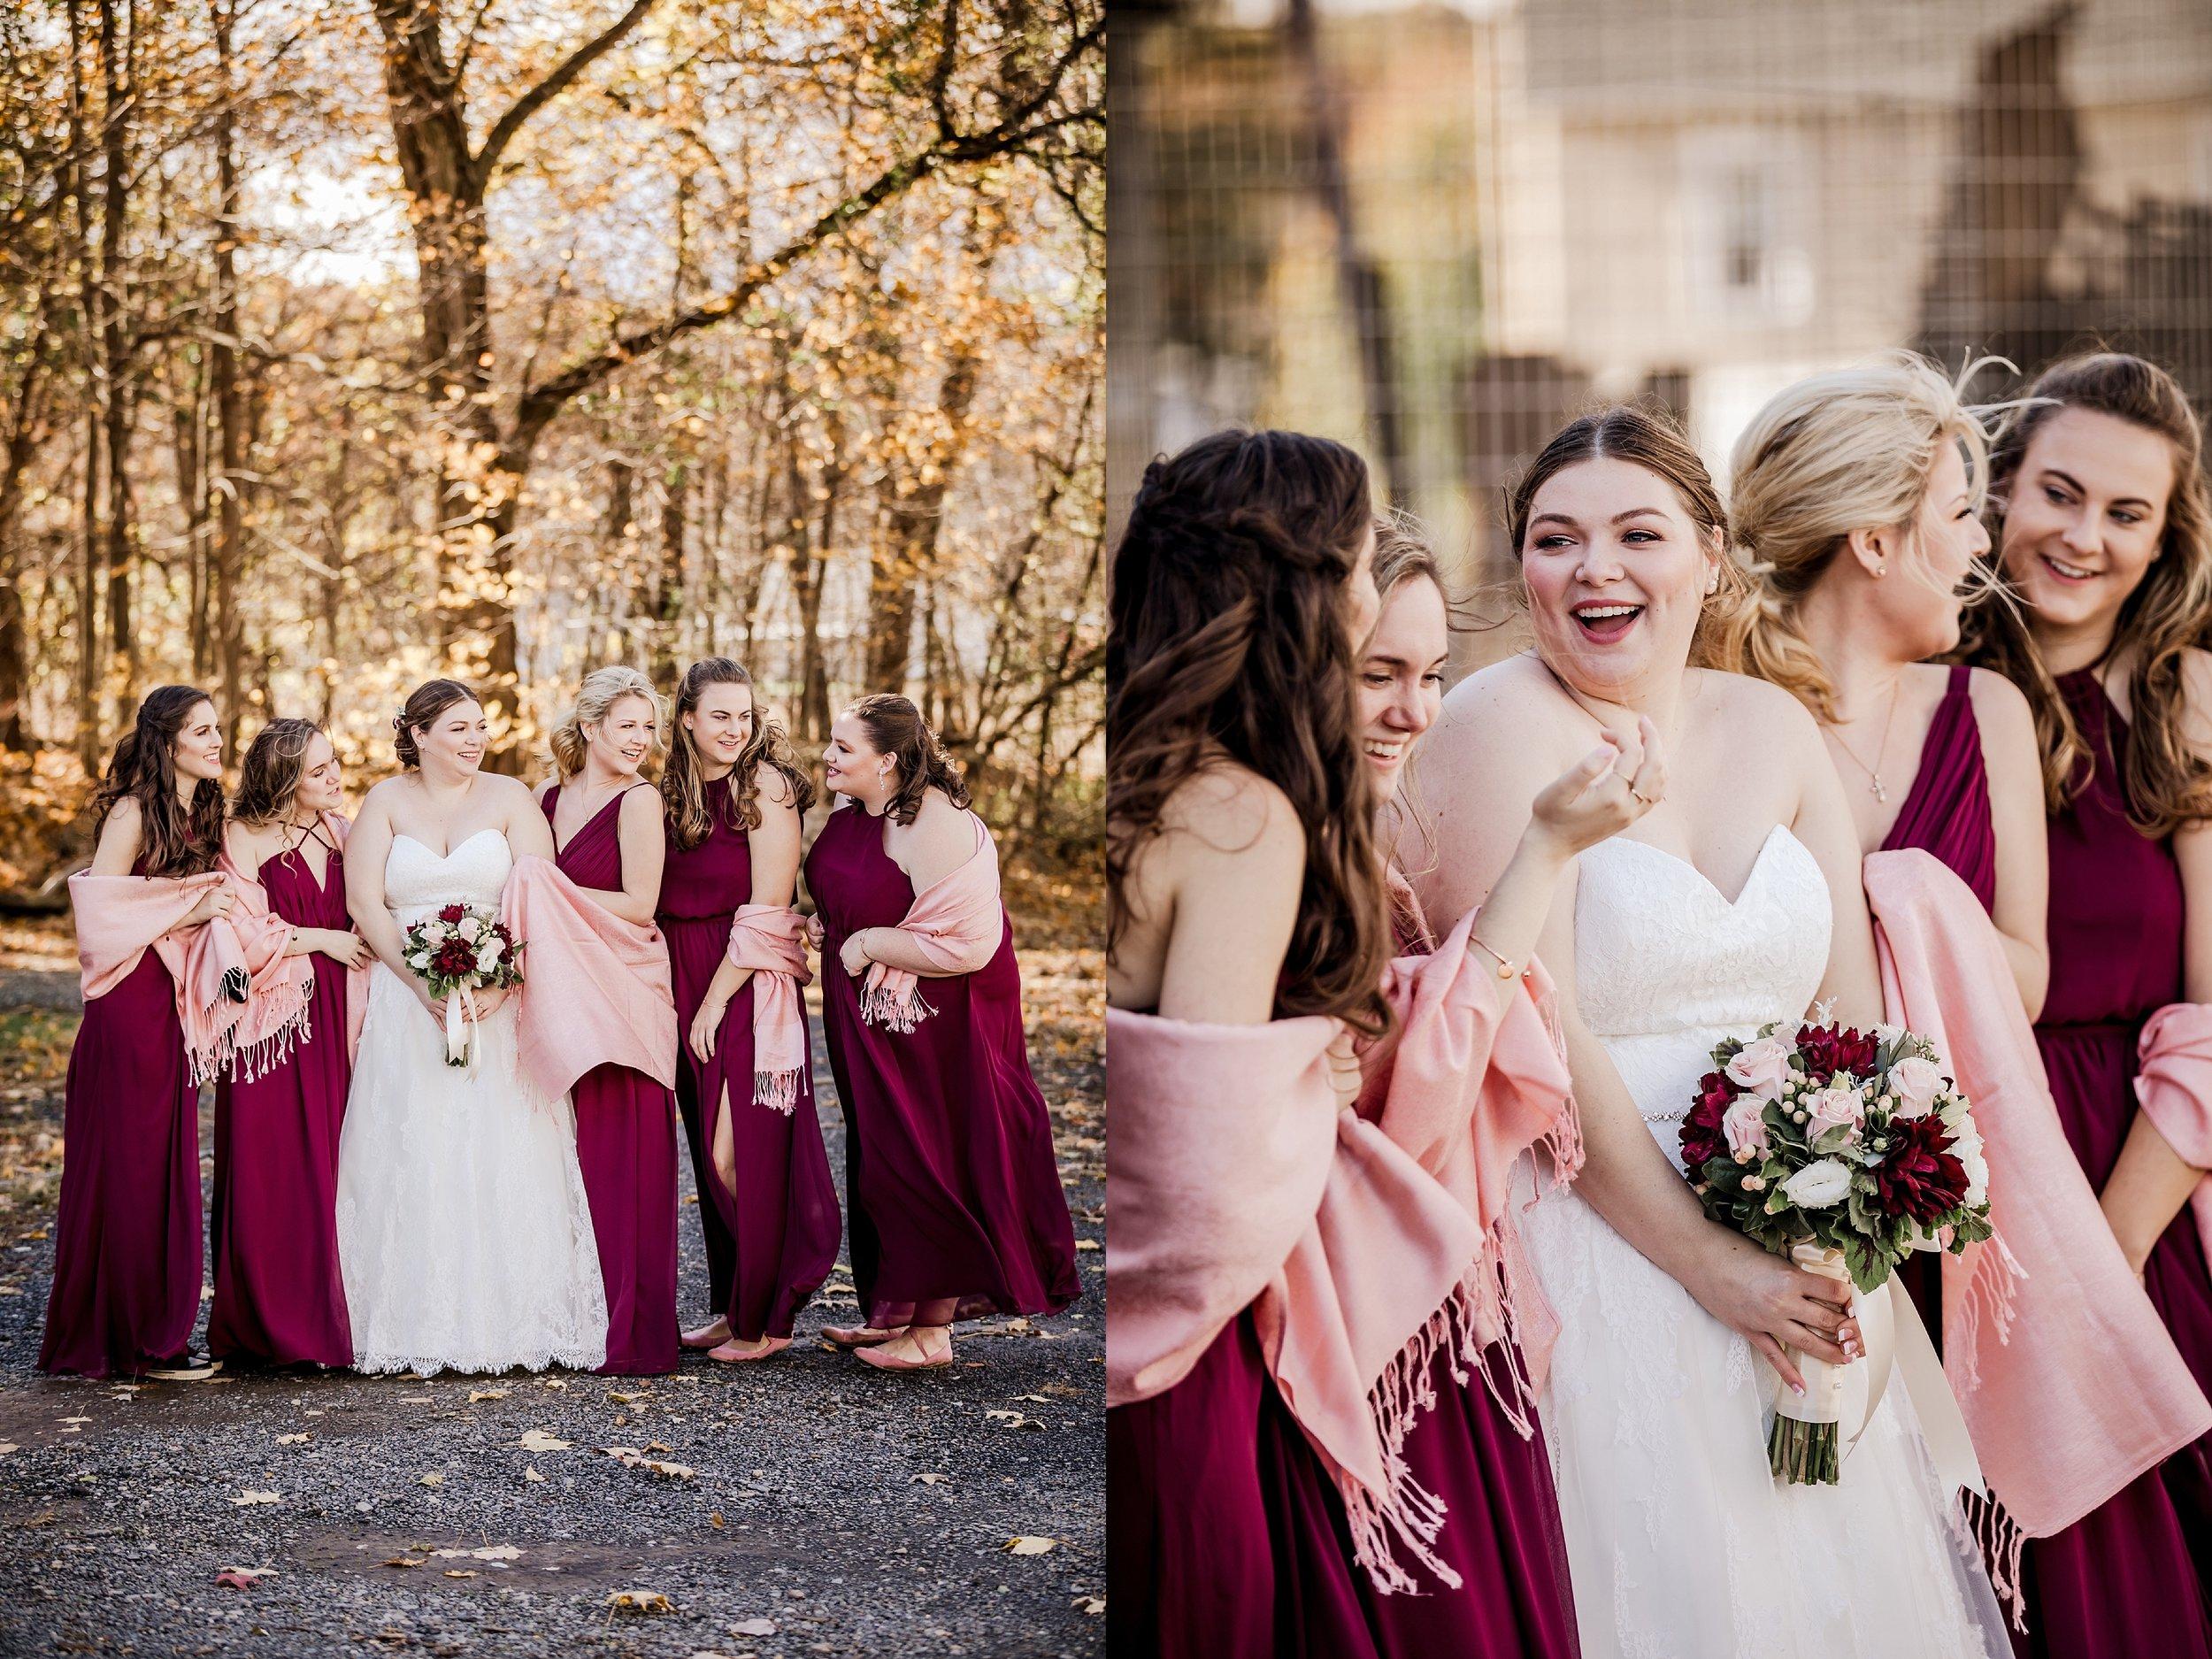 Savidge-Farms-Wedding-Photographer_0039.jpg